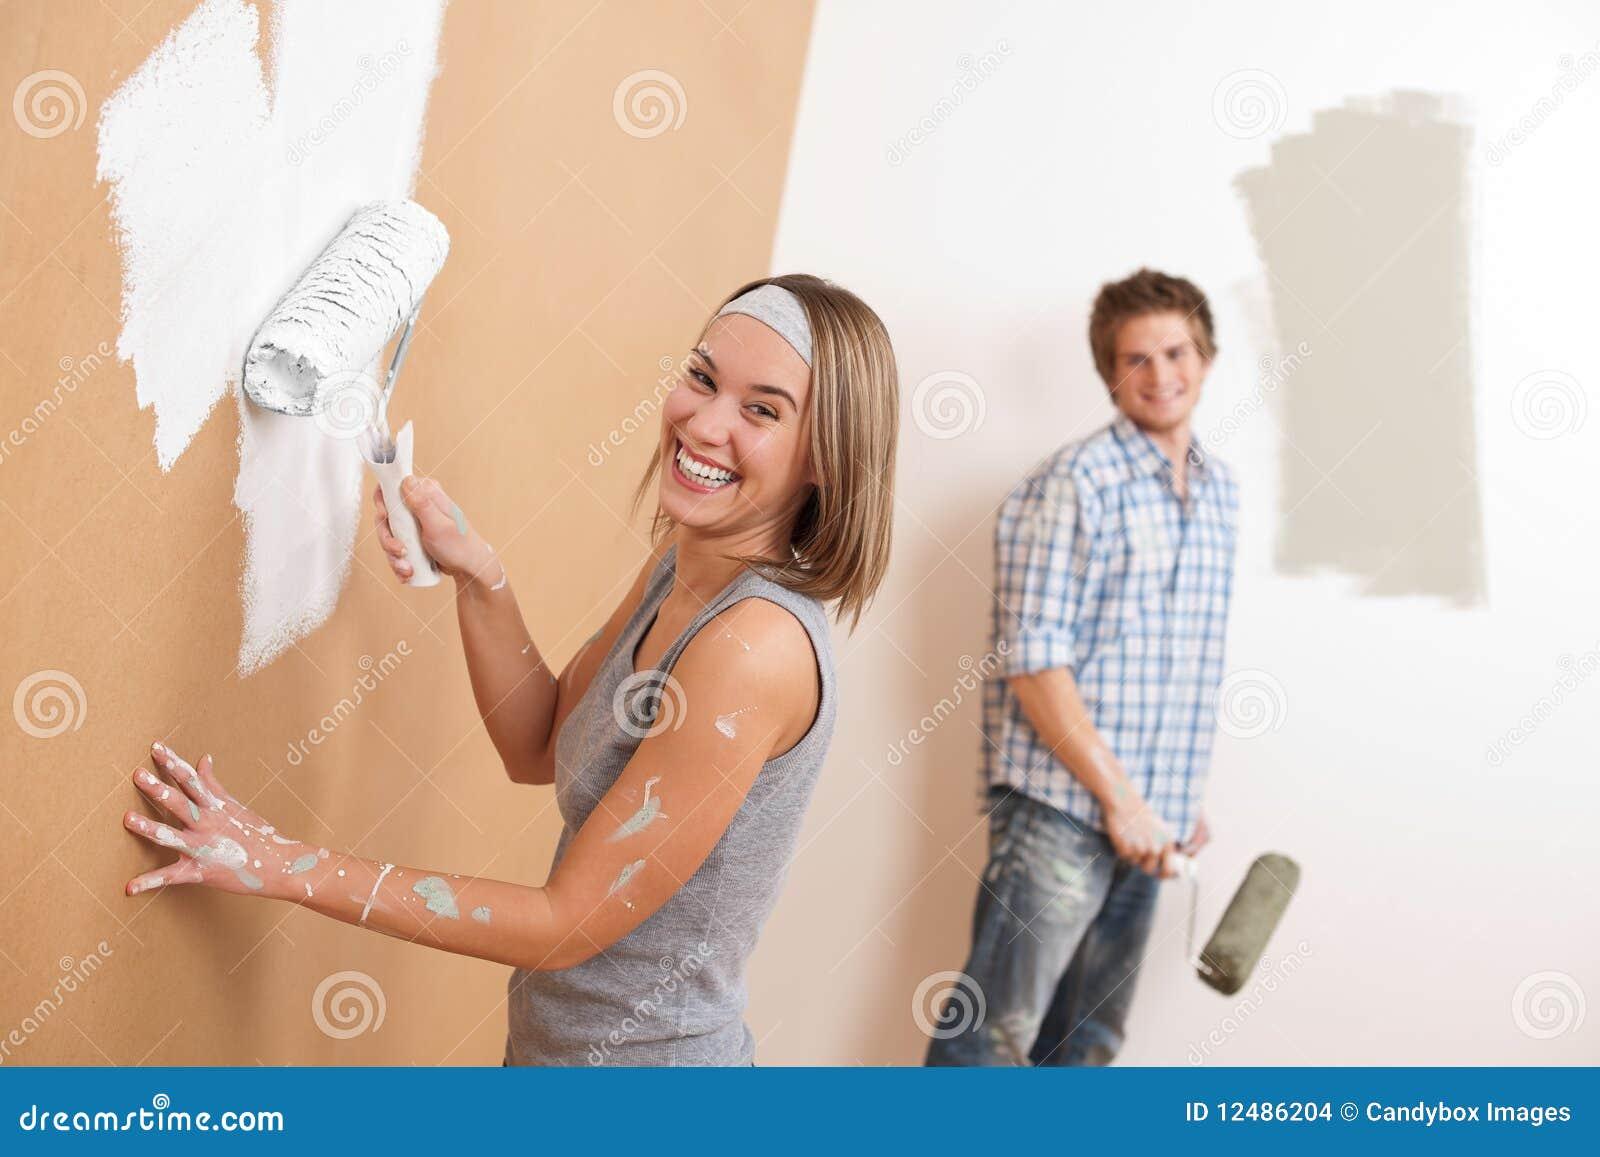 De verbetering van het huis: Jonge paar het schilderen muur